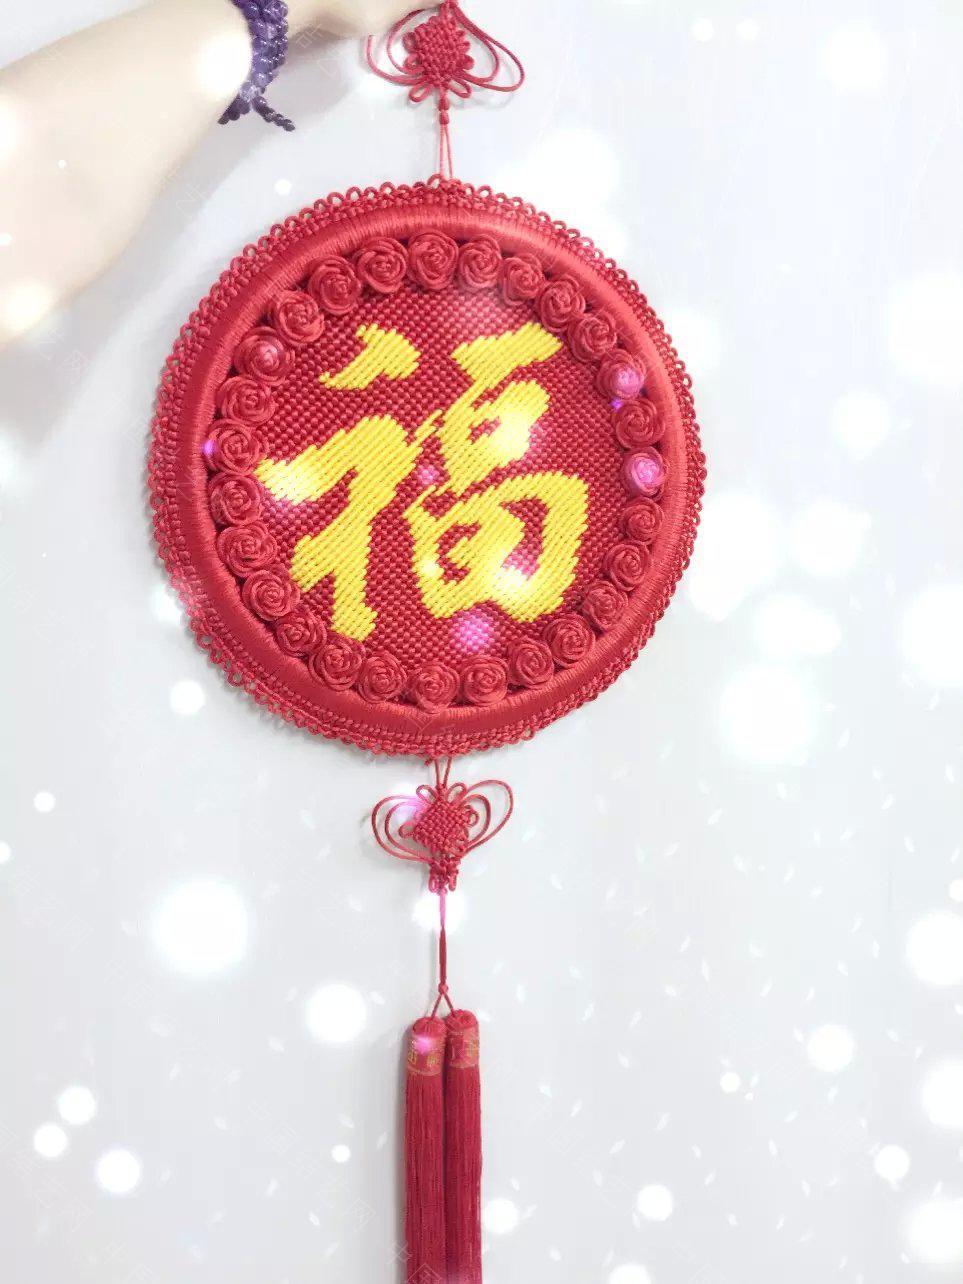 中国结论坛 迷上斜卷结了,感觉好神奇  作品展示 192537y1lh133ag11ya3l1